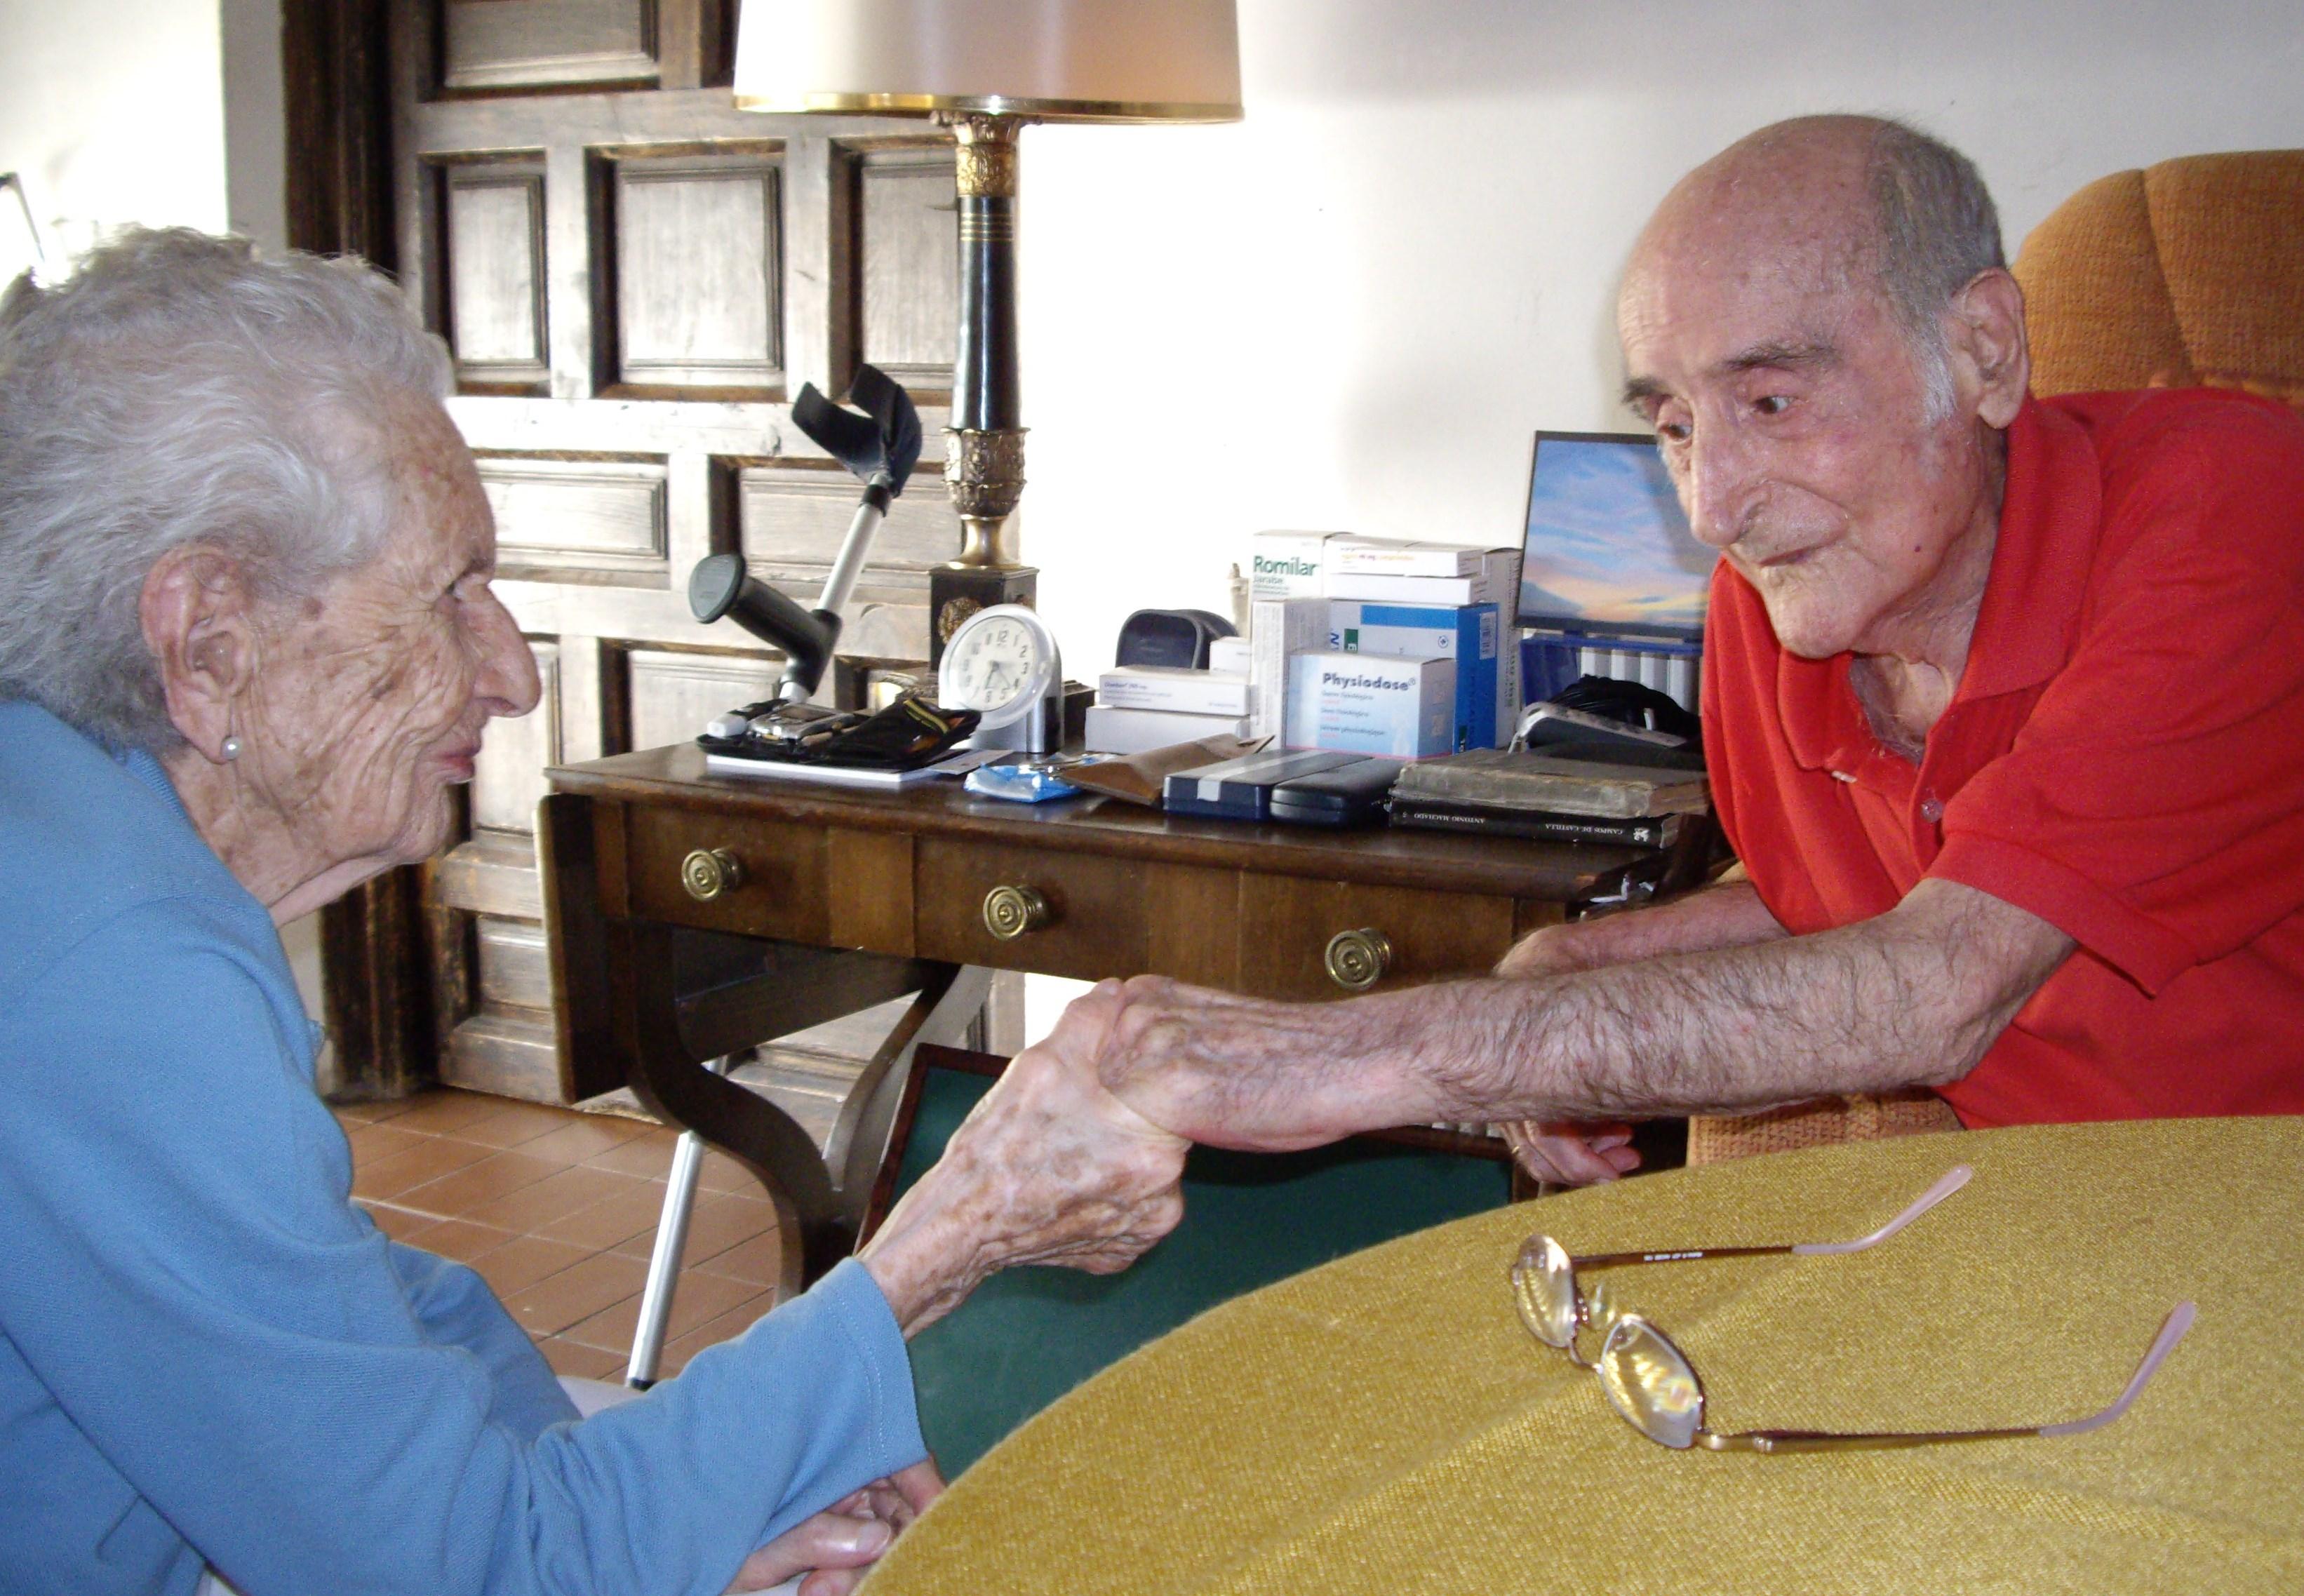 2009.2. JHC, con su mujer, Ana, en su casa de Molino de la Hoz, verano de 2009